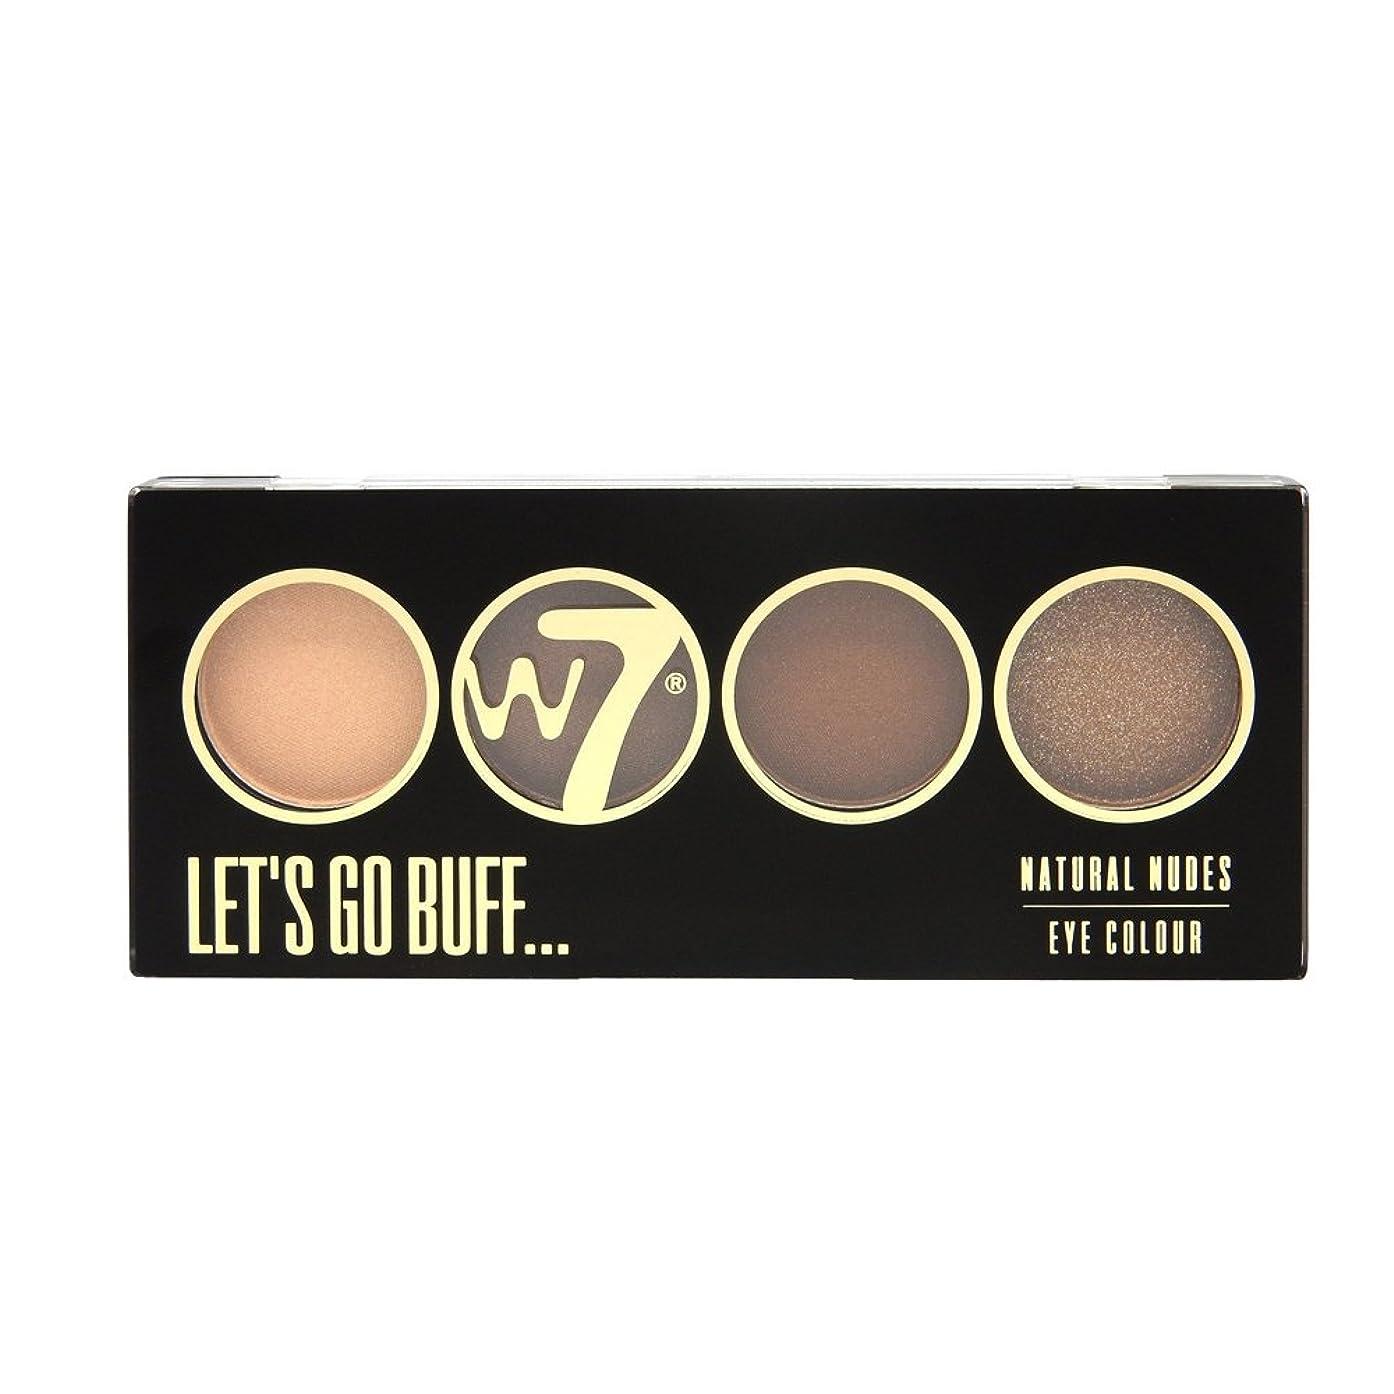 最もプレフィックス不正(3 Pack) W7 Let's Go Quad Eye Color Palette - Let's Go Buff (並行輸入品)